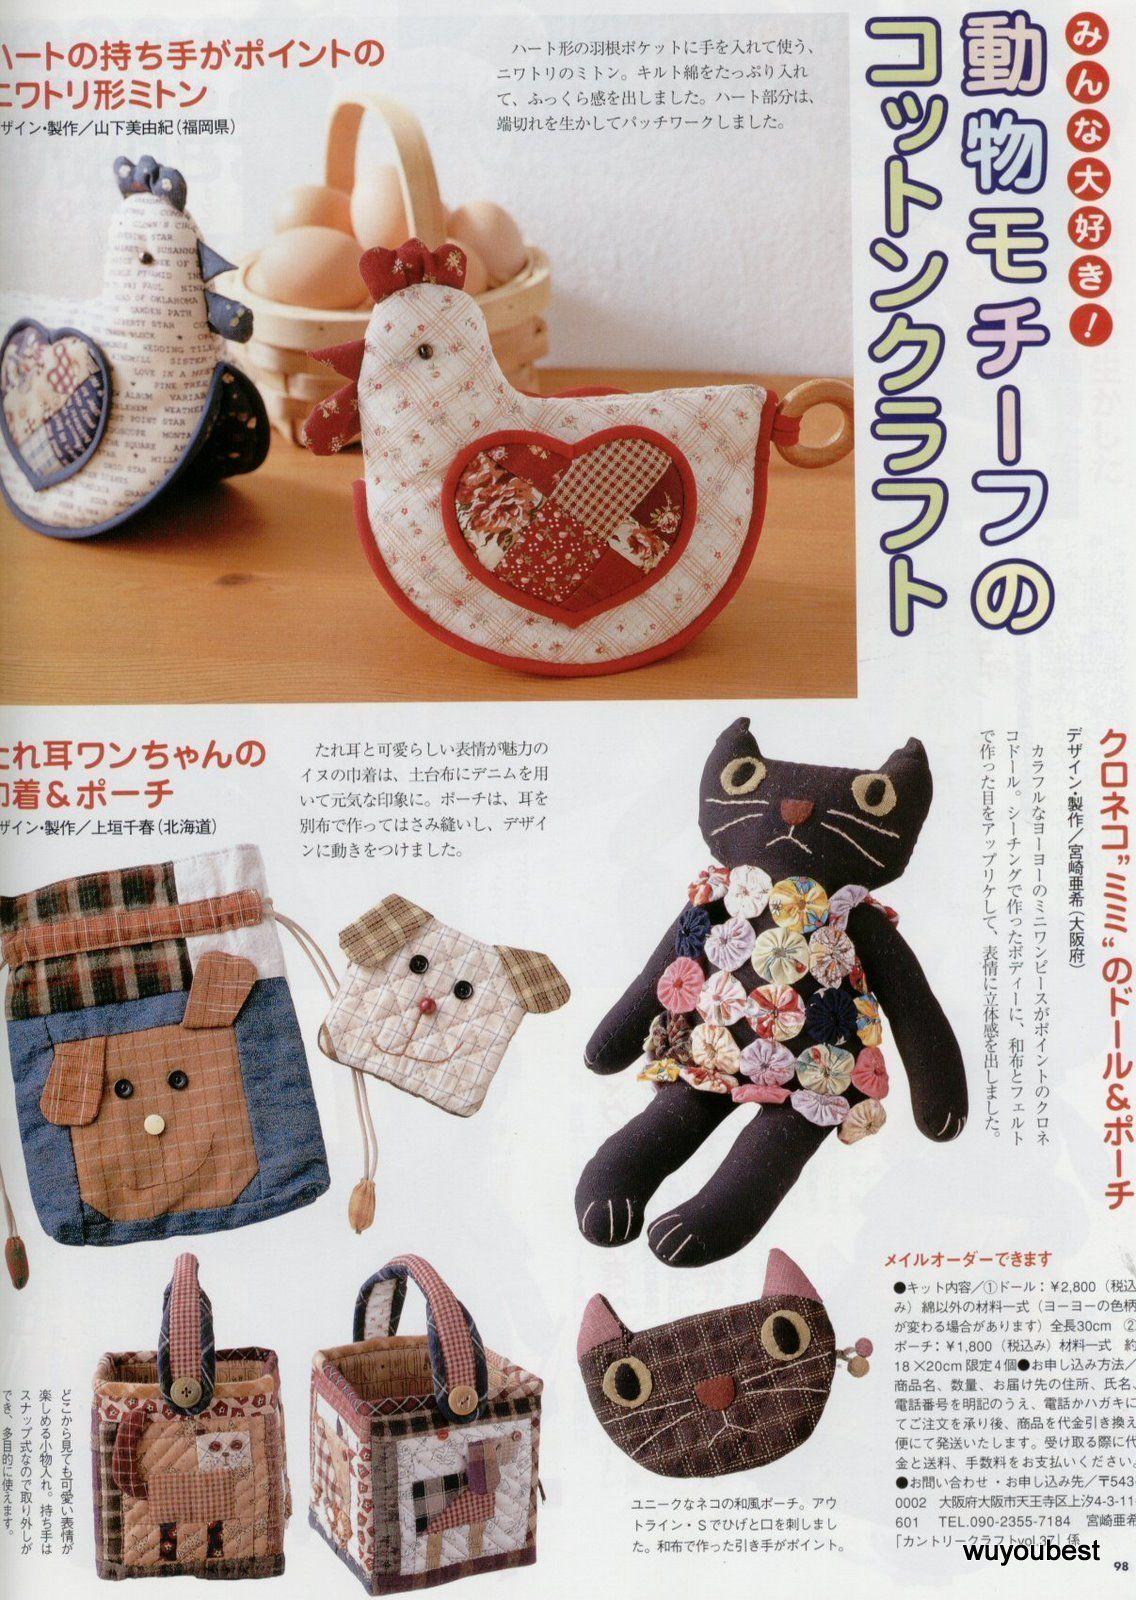 앨범 보관함 With Images Book Quilt Patchwork Bags Toy Workshop